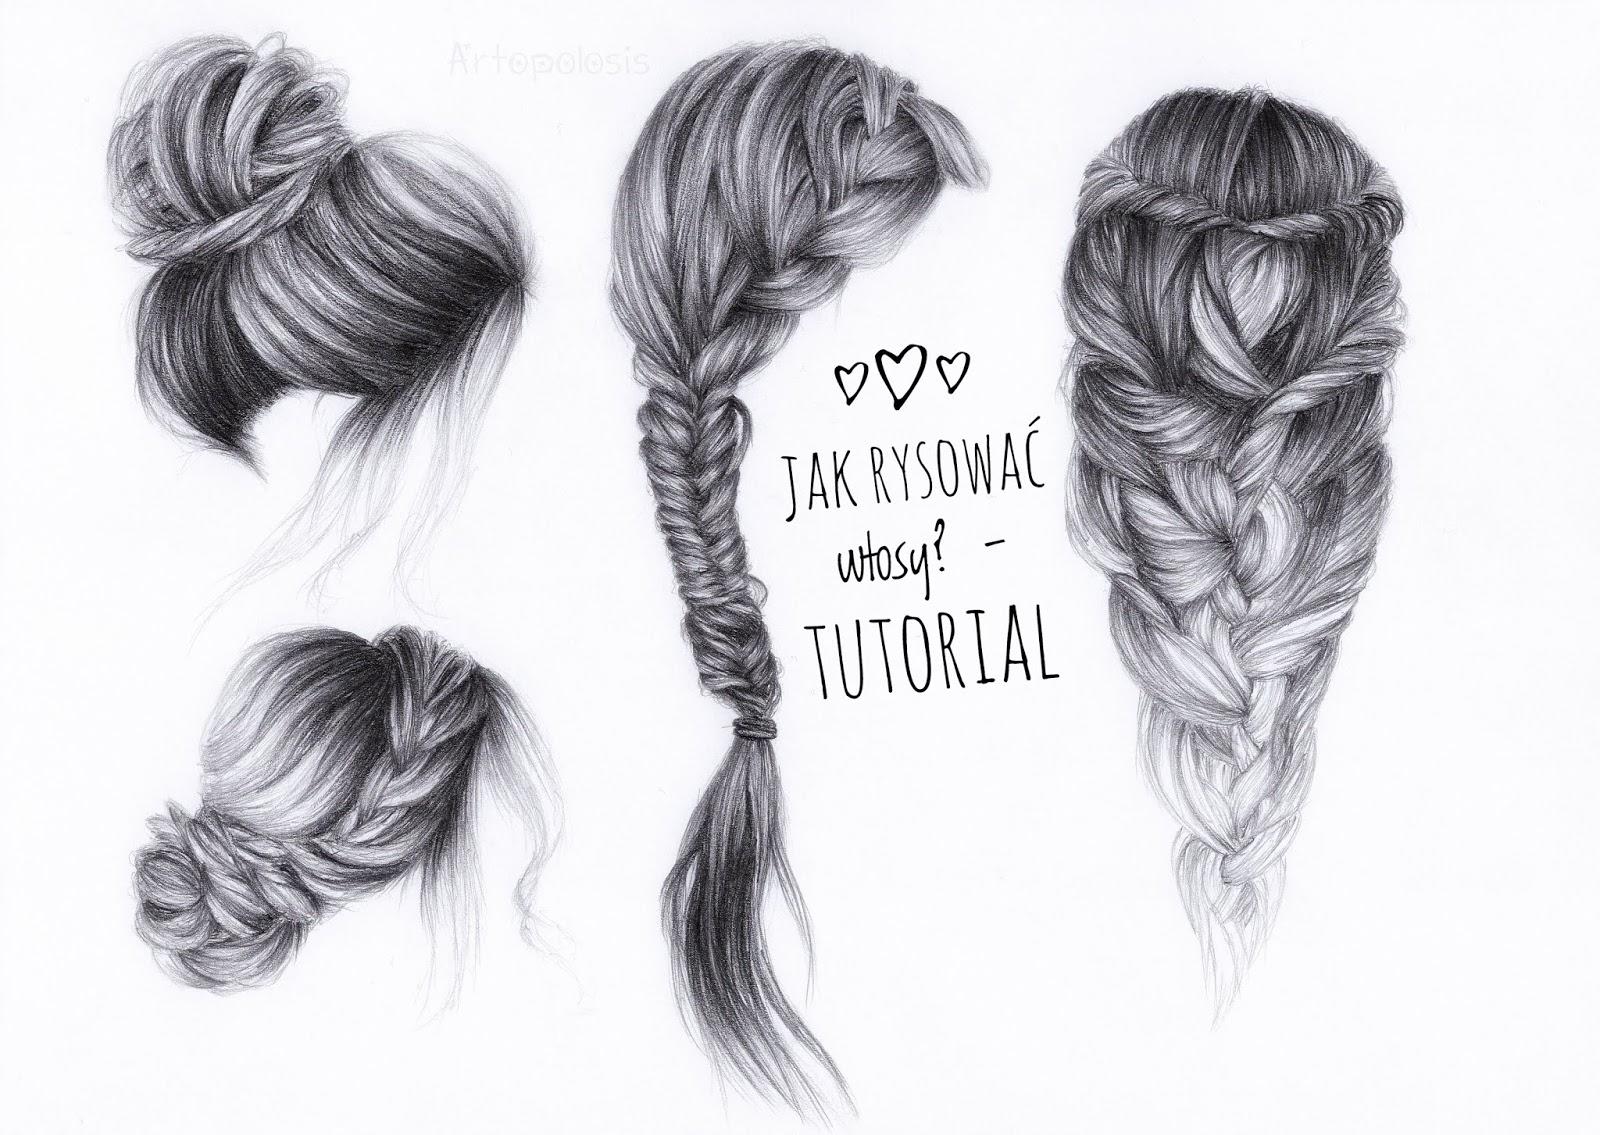 Jak Rysować Włosy Tutorial